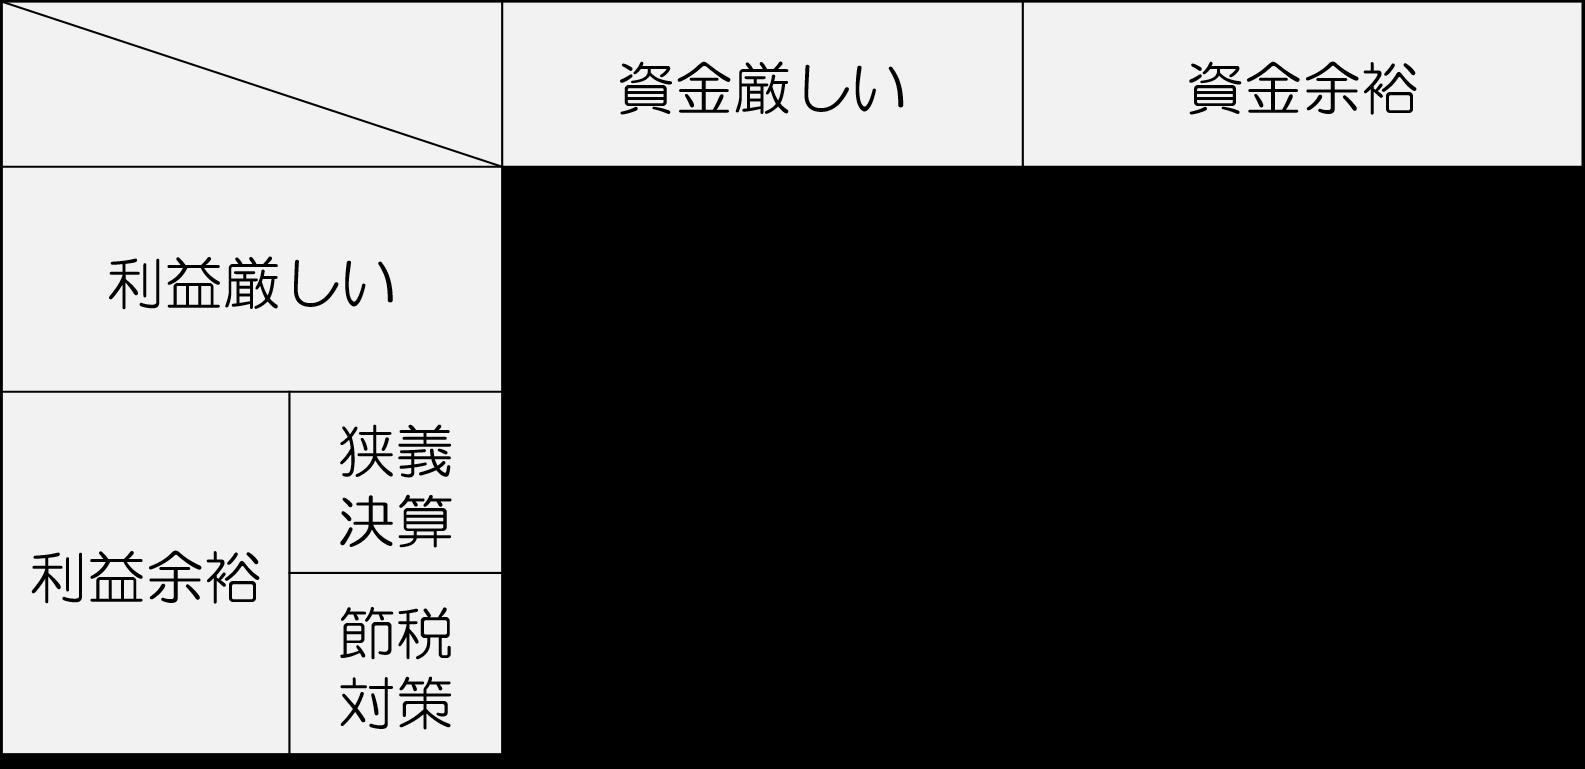 決算対策のマトリクス図